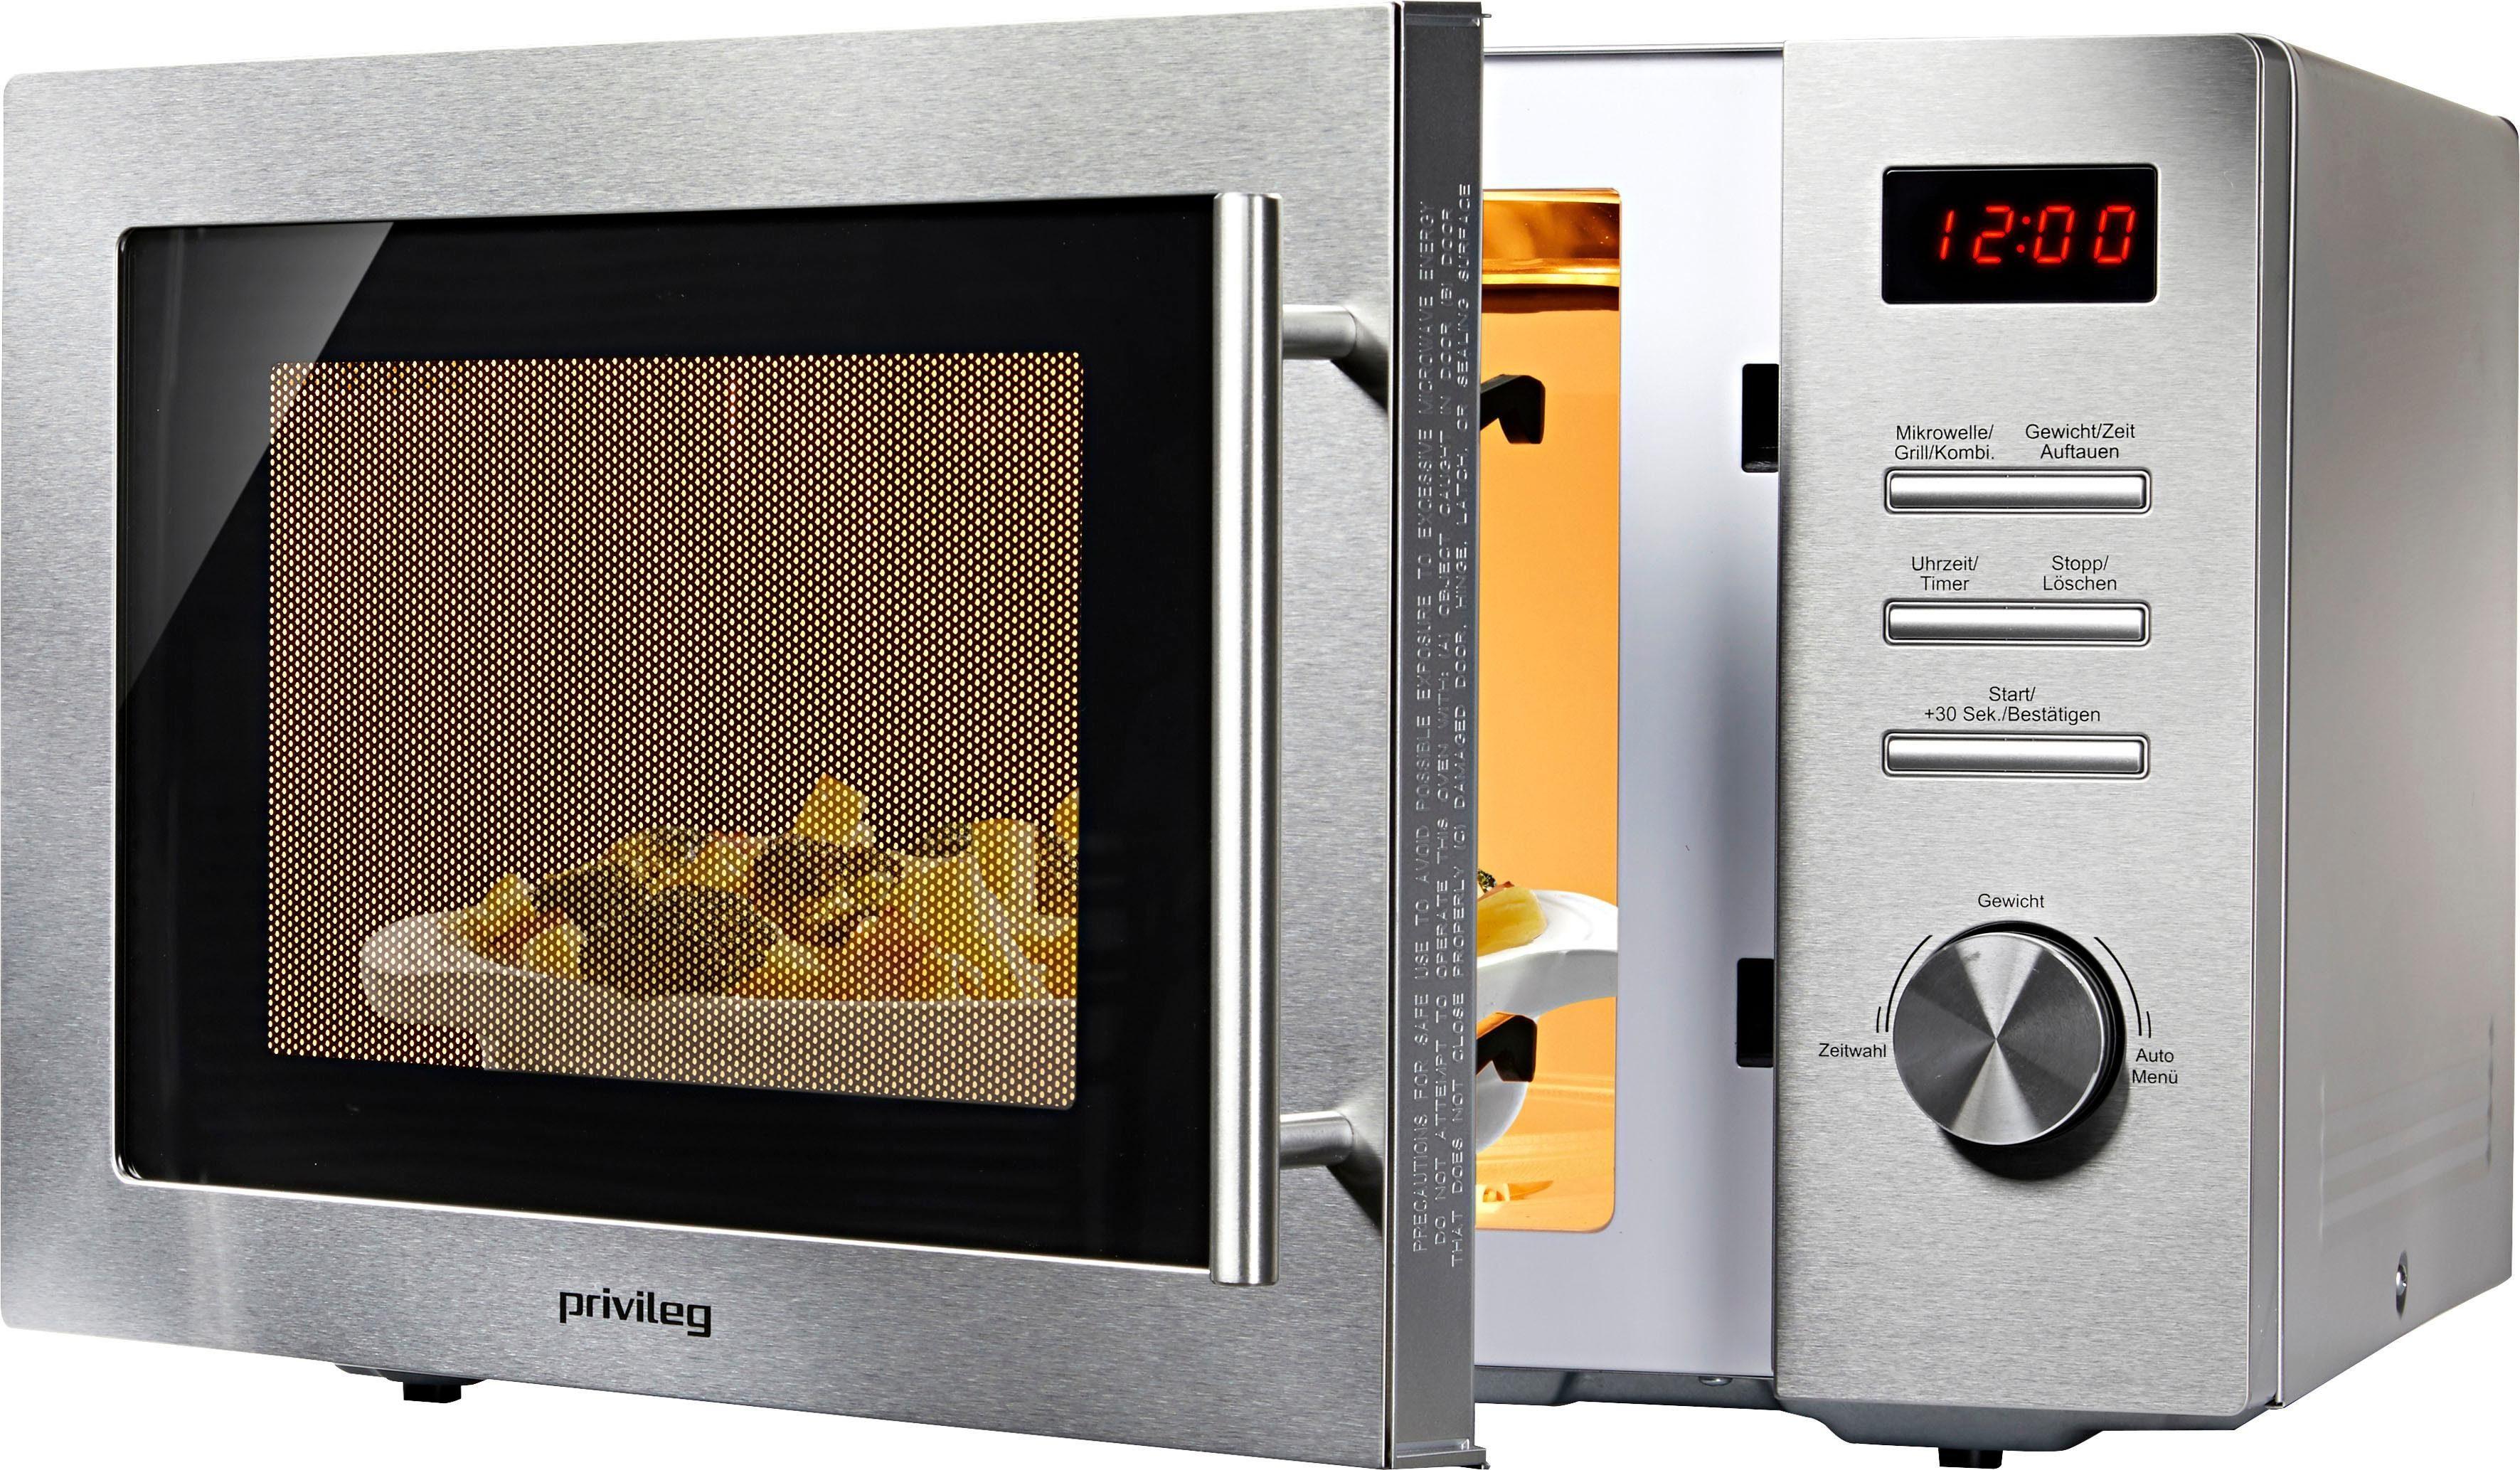 Privileg Mikrowelle 1000 W, mit Grill, 34 Liter